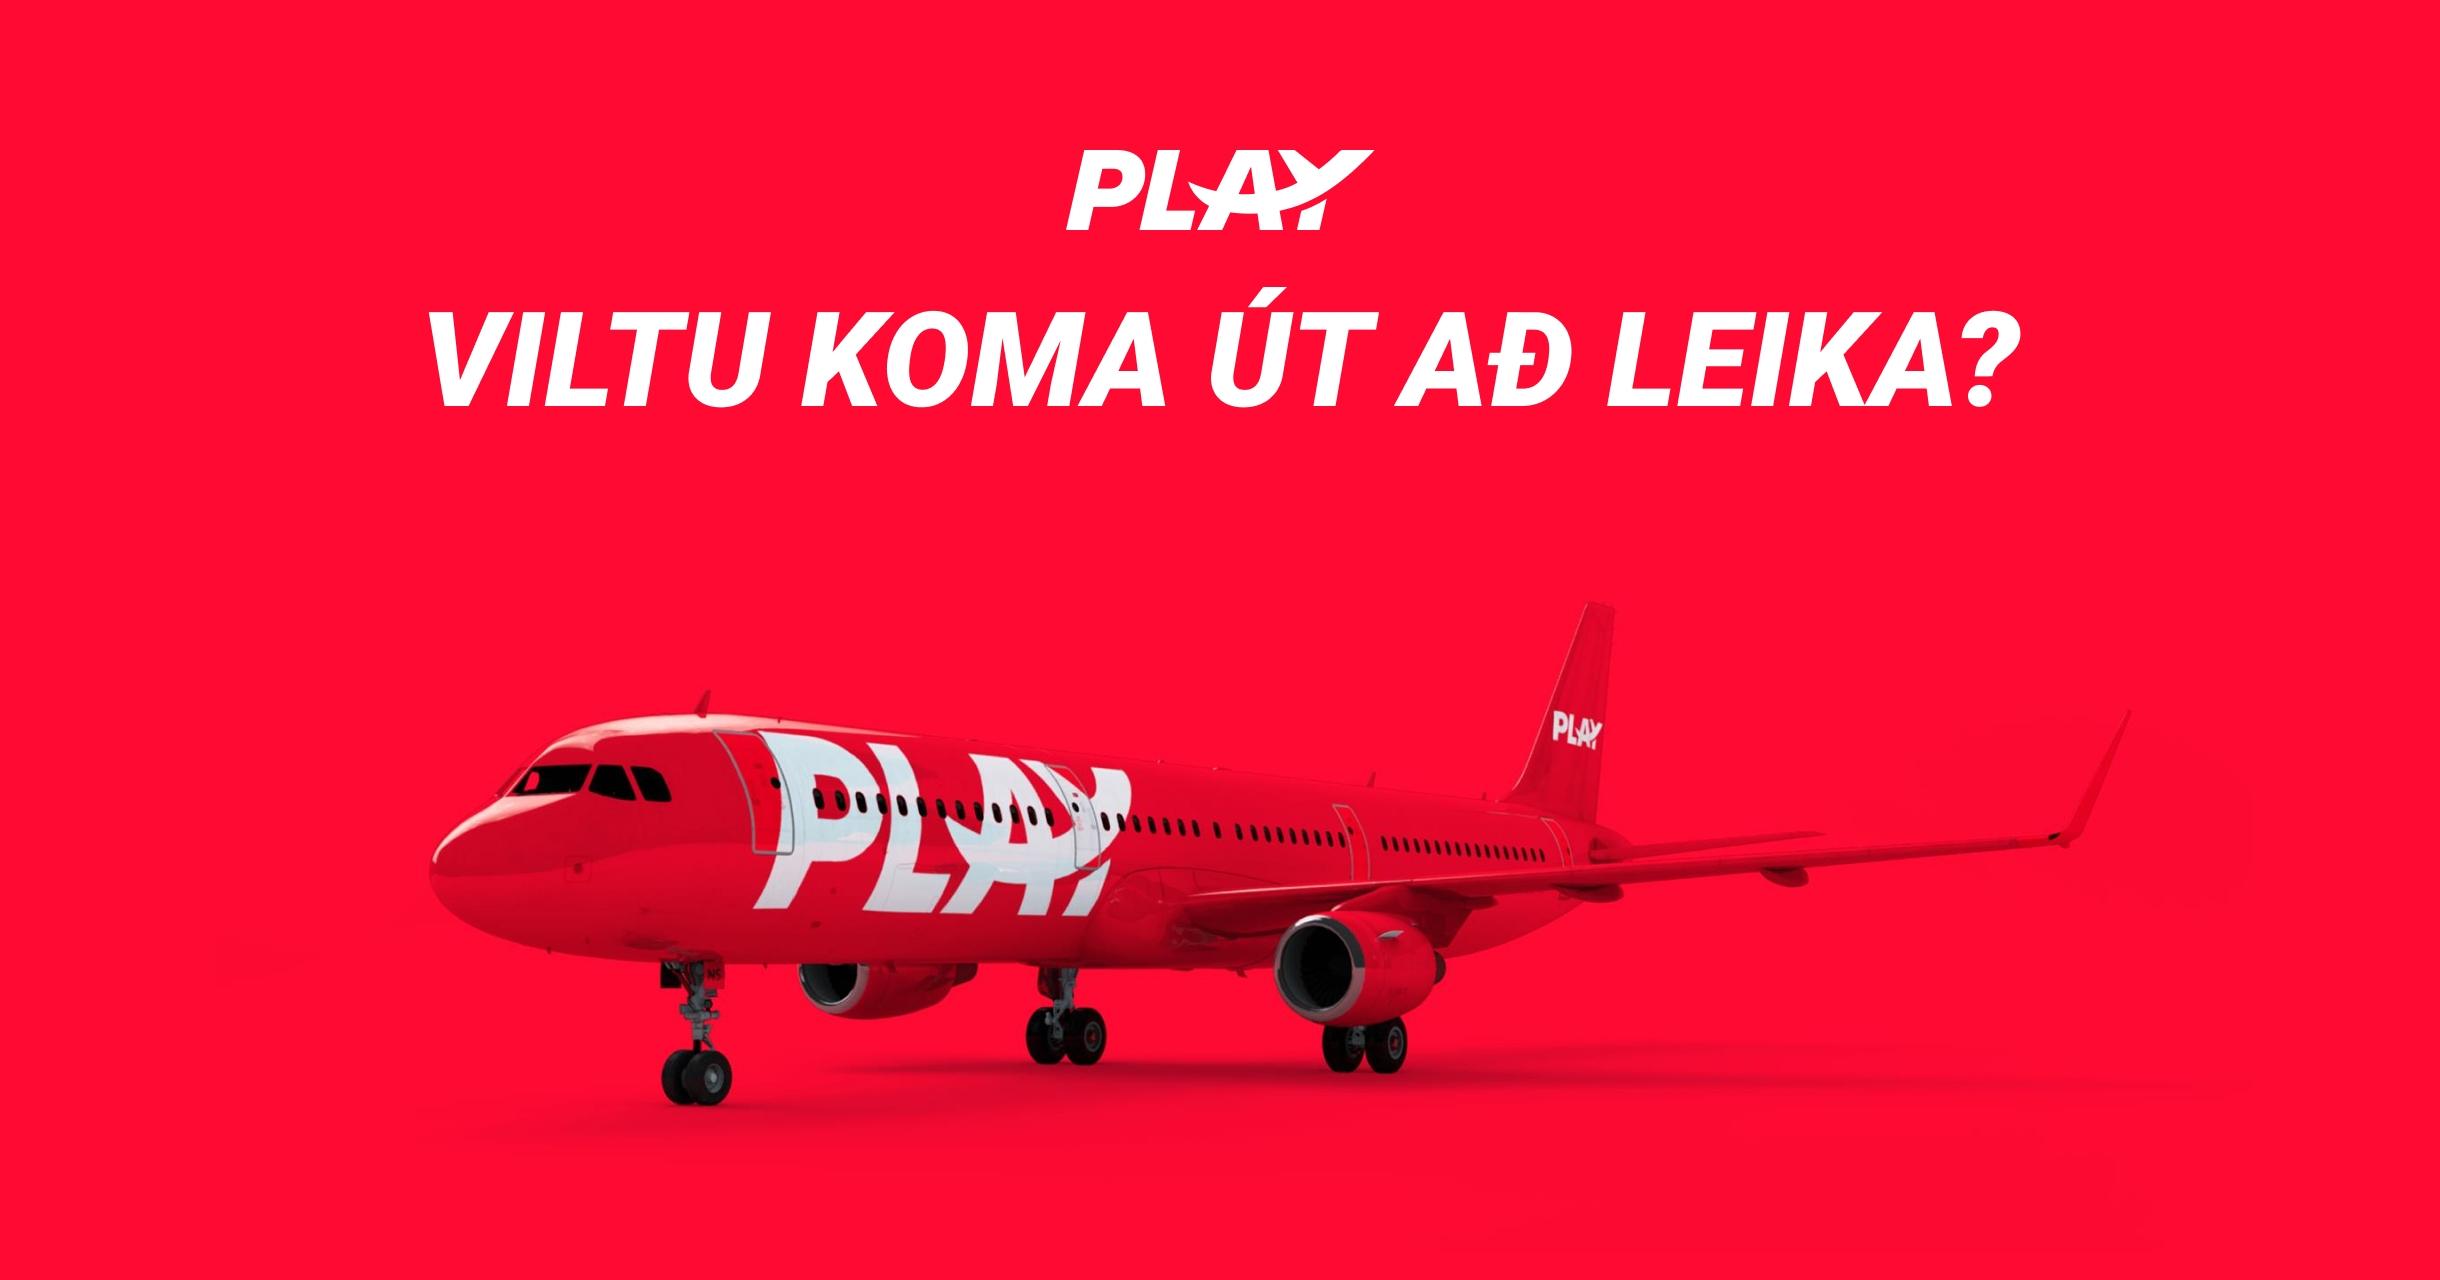 Play: nació una nueva low-cost entre Europa e Islandia